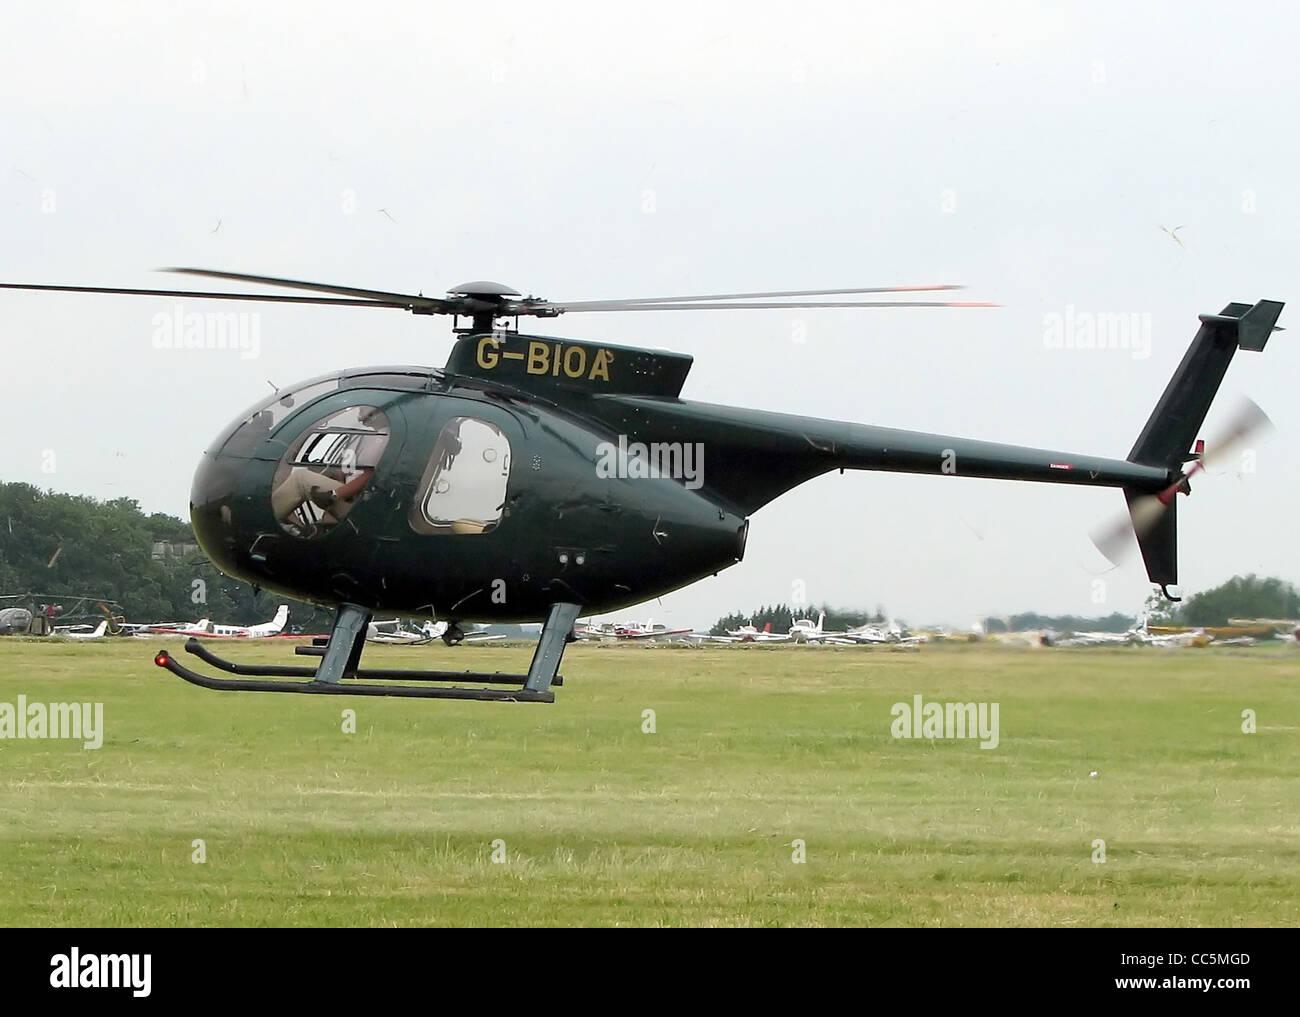 Hughes 500, modèle 369D (G-BIOA, construit en 1980) à l'Aérodrome de Kemble, Gloucestershire, Photo Stock